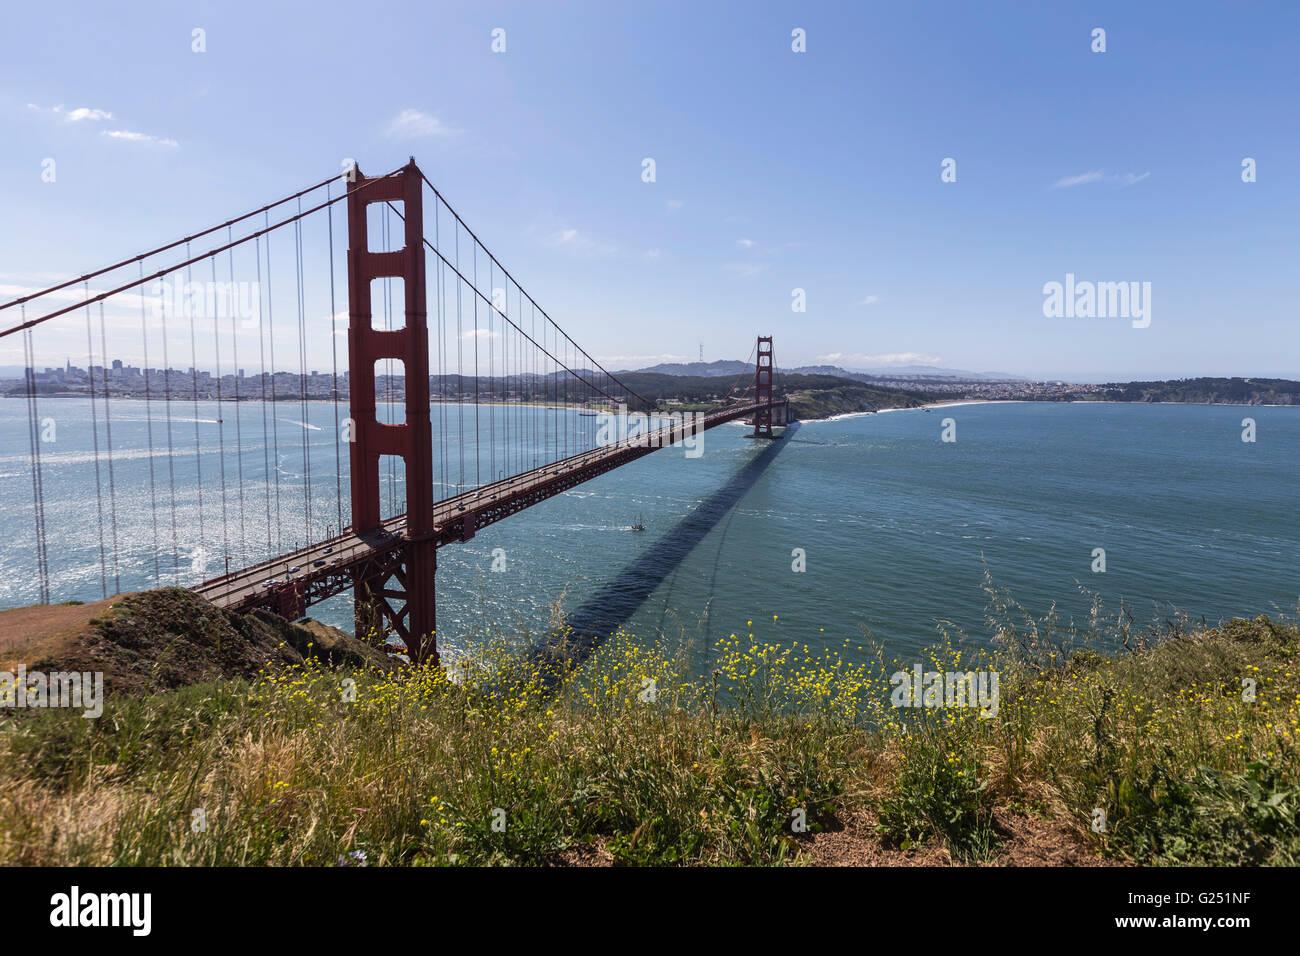 Aire de loisirs nationale du Golden Gate colline vue vers le Golden Gate Bridge et San Francisco. Photo Stock